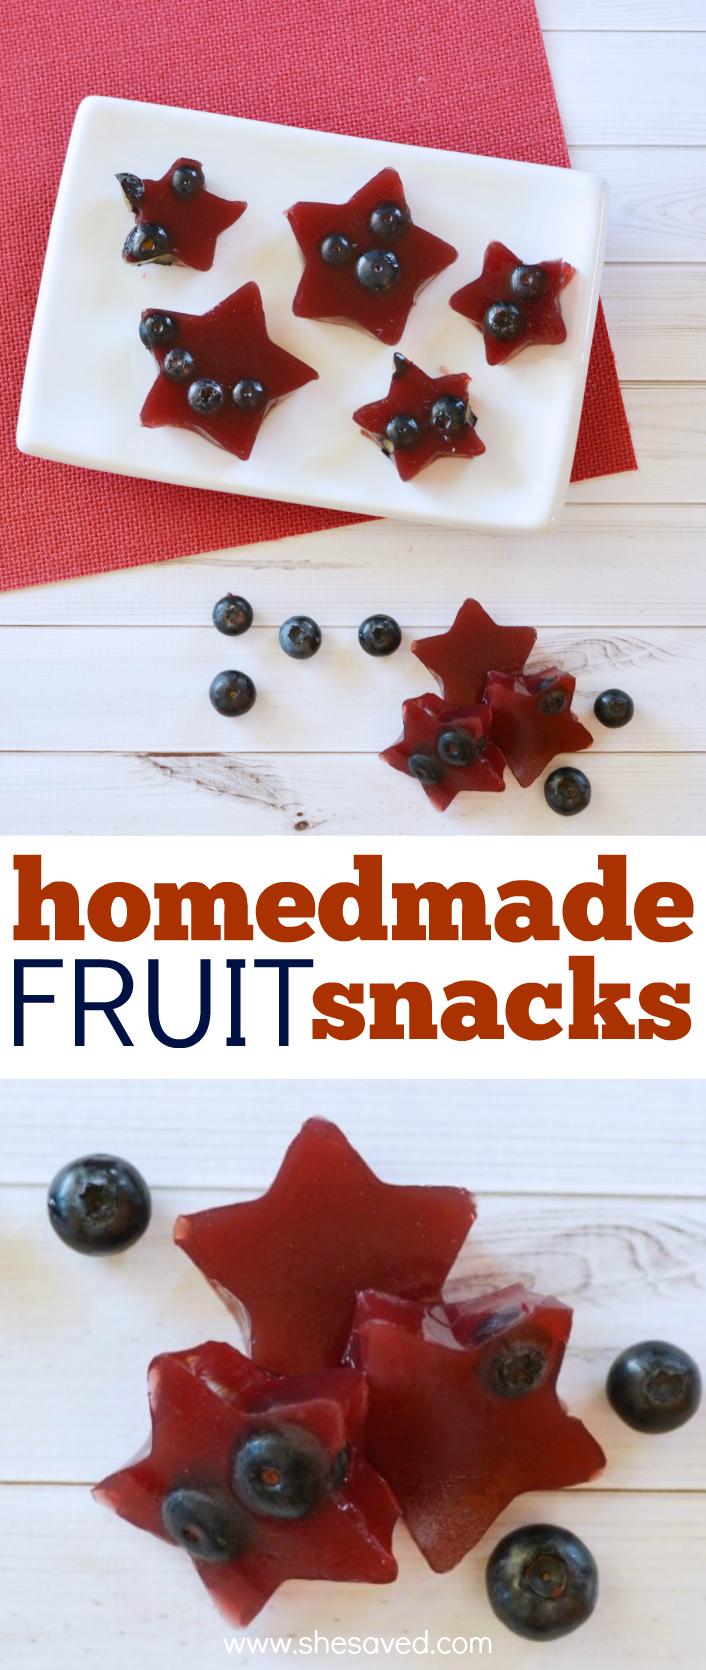 Recipe for homemade fruit snacks